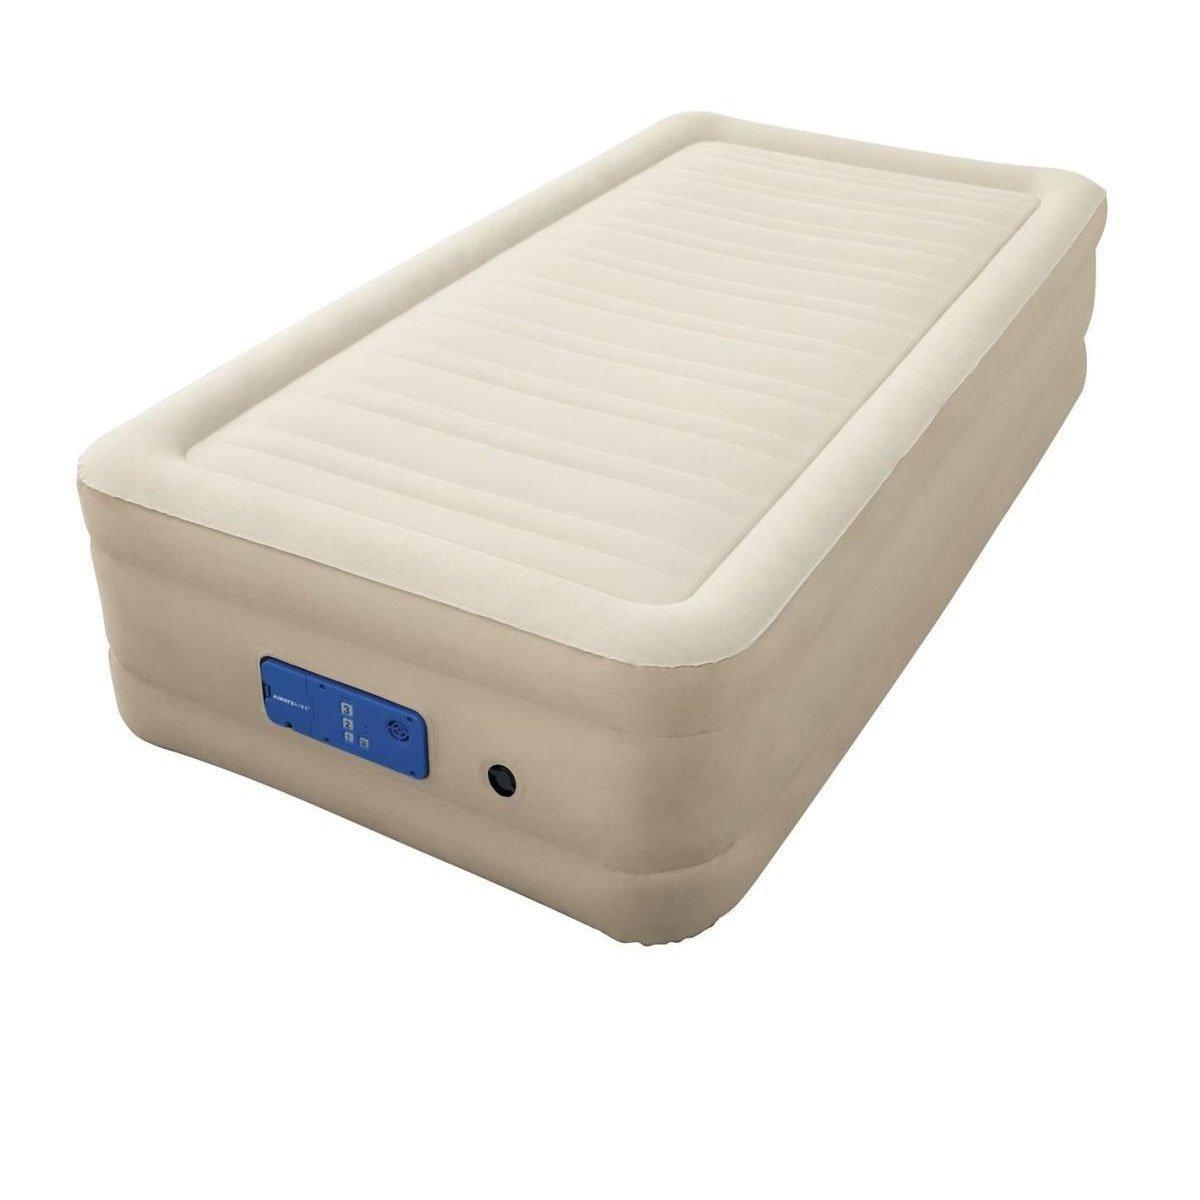 Надувная кровать Bestway 69035, 97 х 191 х 51 , встроенный электронасос Alwayzaire. Односпальная